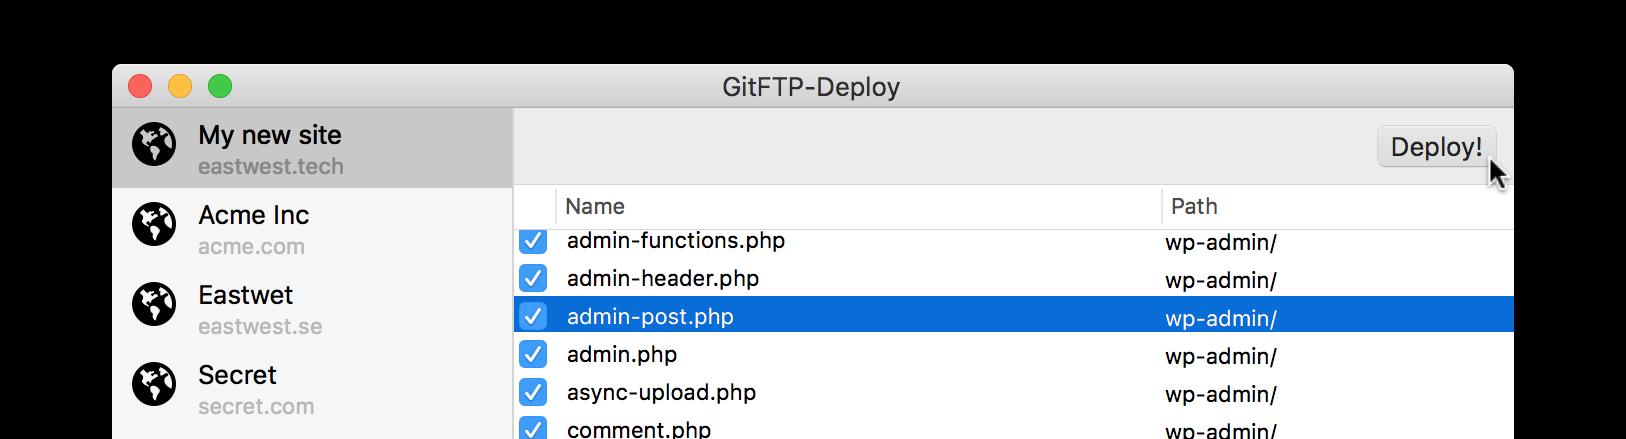 GitFTP-Deploy | CSS-Tricks